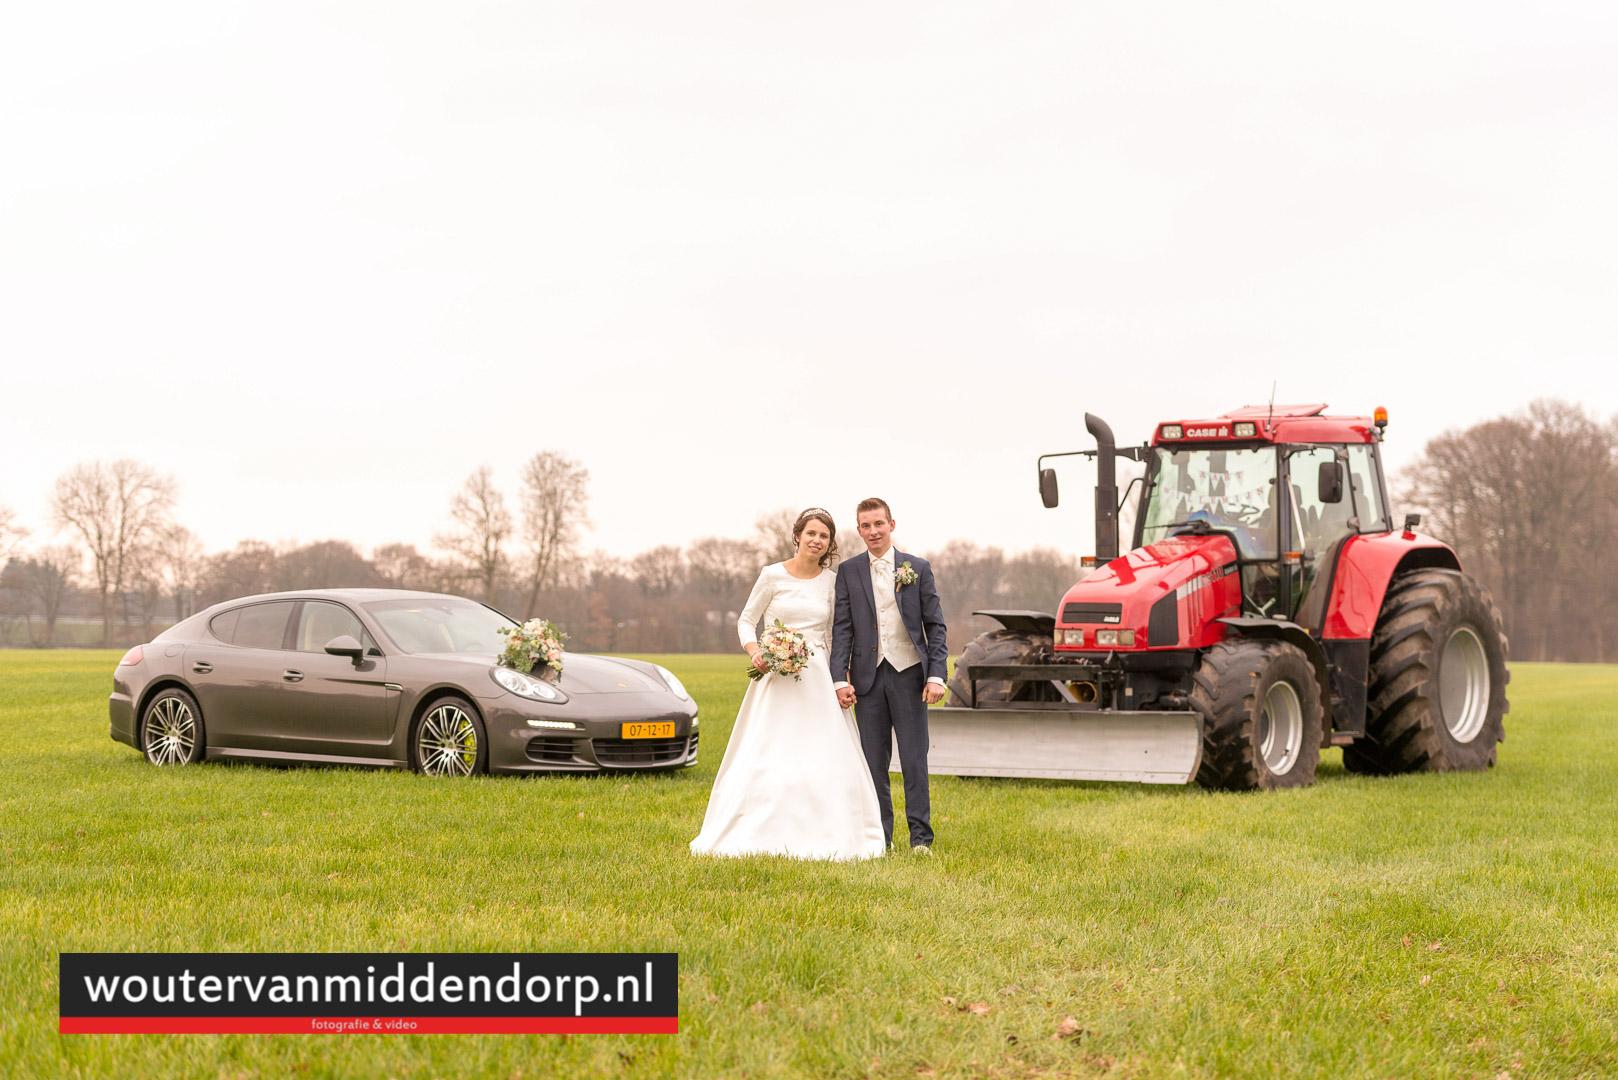 foto Wouter van Middendorp Uddel, Veluwe, Gelderland, trouwfotograaf (21)